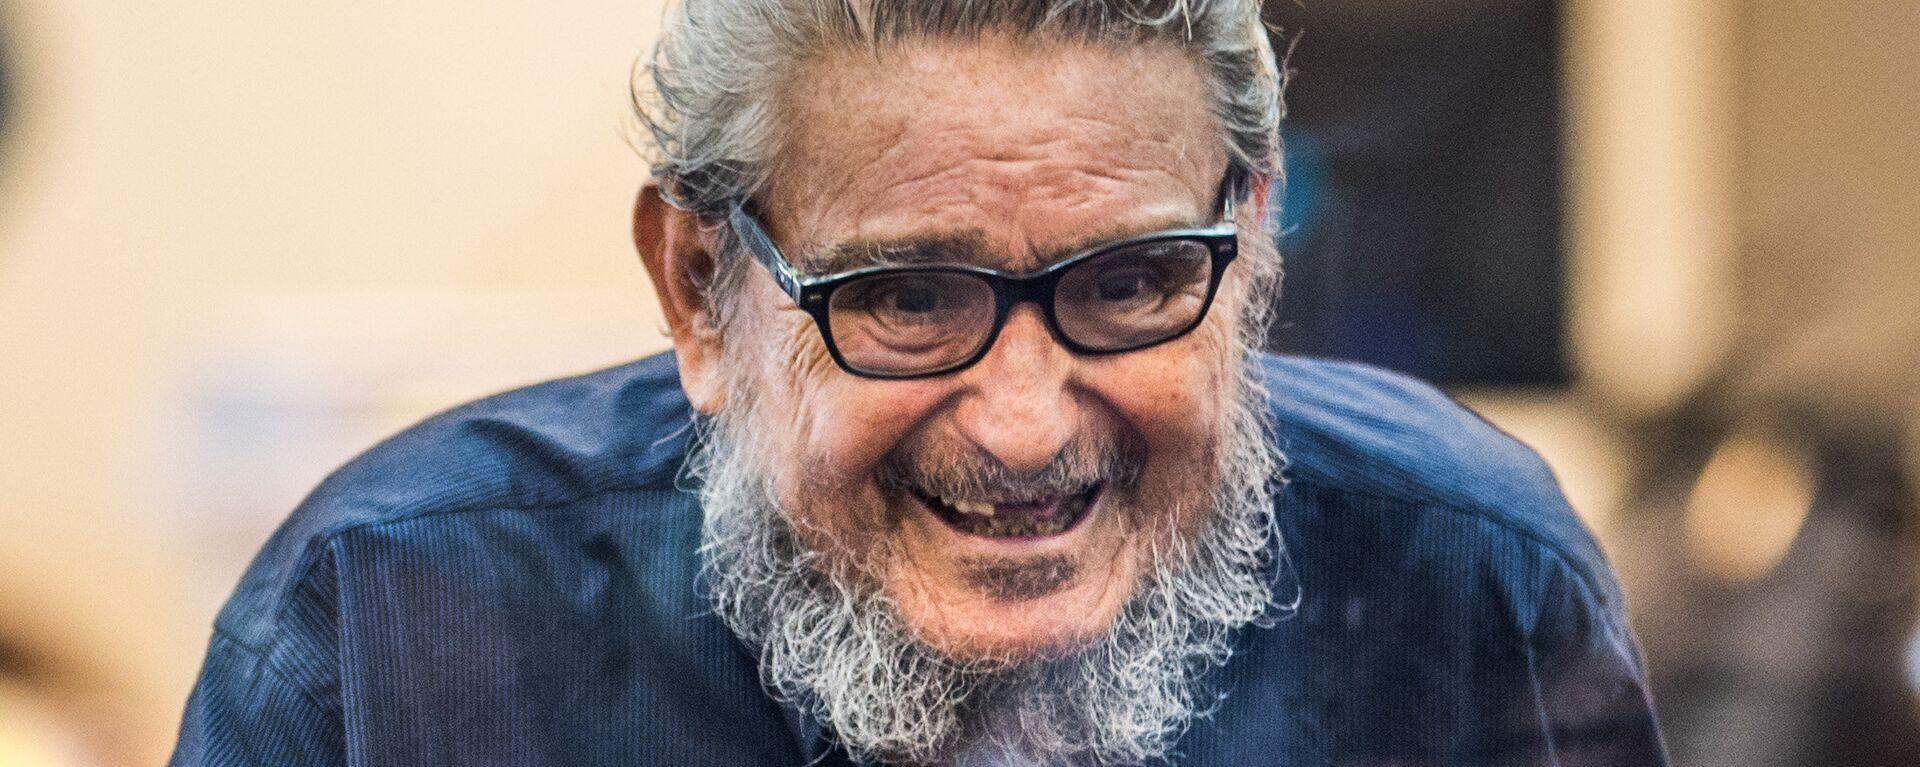 Abimael Guzmán, líder del grupo armado Sendero Luminoso de Perú (archivo) - Sputnik Mundo, 1920, 25.05.2021